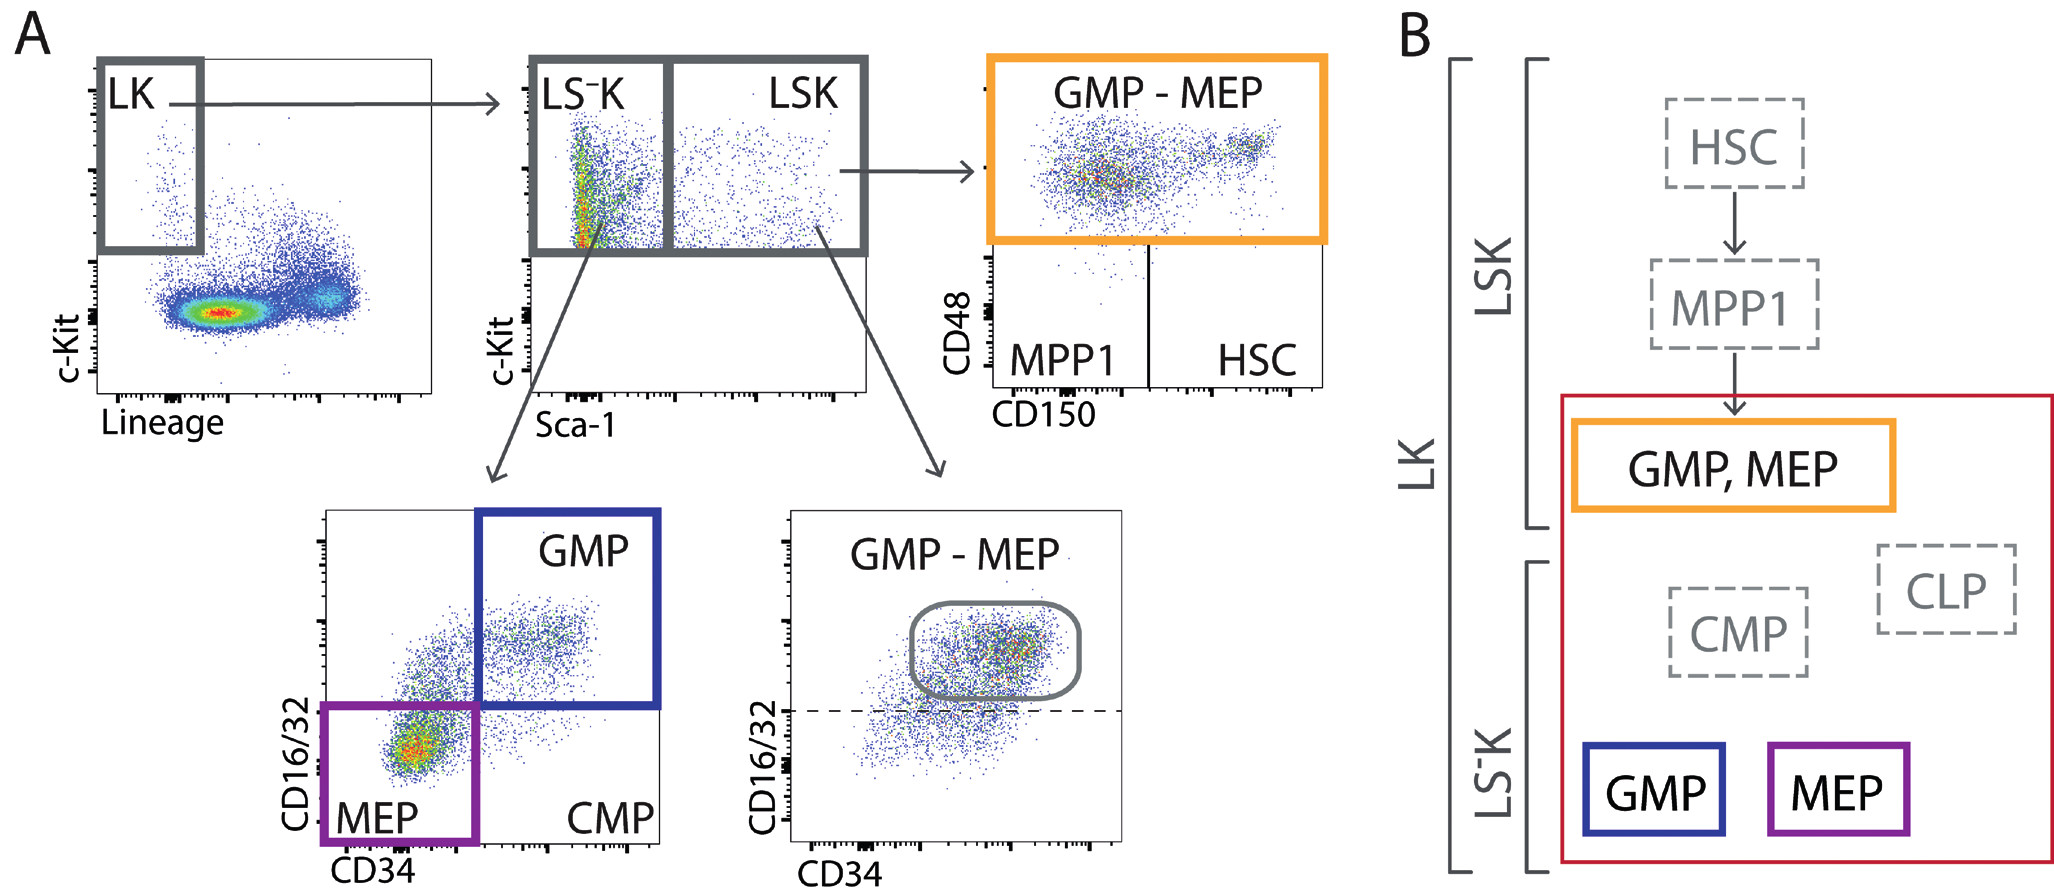 (A) V regenerující kostní dřeni lze také nezralé buňky LK rozdělit pomocí znaku Sca-1 na LSK a LS– K . V LSK buňkách je velmi málo buněk s imunofenotypem buněk kmenových, multipotentních progenitorů MPP1 a společných myeloidních progenitorů CMP. Analýza buněk LSK ukázala, že buňky s fenotypem multipotentních progenitorů (MPP2 a MPP3) jsou ve skutečnosti pozměněnými (expresí znaku Sca-1) pozdními myeloidními progenitory GMP a MEP. V intenzivně regenerující kostní dřeni je tedy naprostá většina nezralých buněk (LK) granulocytovými a makrofágovými progenitory a megakaryocytovými-erytroidními progenitory. Praktickému chybění buněk s imunofenotypem buněk kmenových, multipotentních progenitorů a společných myeloidních progenitorů v intenzivně regenerující kostní dřeni odpovídá její velmi nízká schopnost transplantace, která je na úrovni 1–2 % [29]. (B) Složení nezralých buněk LSK a LS– K je v regenerující kostní dřeni významně pozměněno a naprostá většina těchto buněk jsou erytroidní a granulocytové/makrofágové progenitory